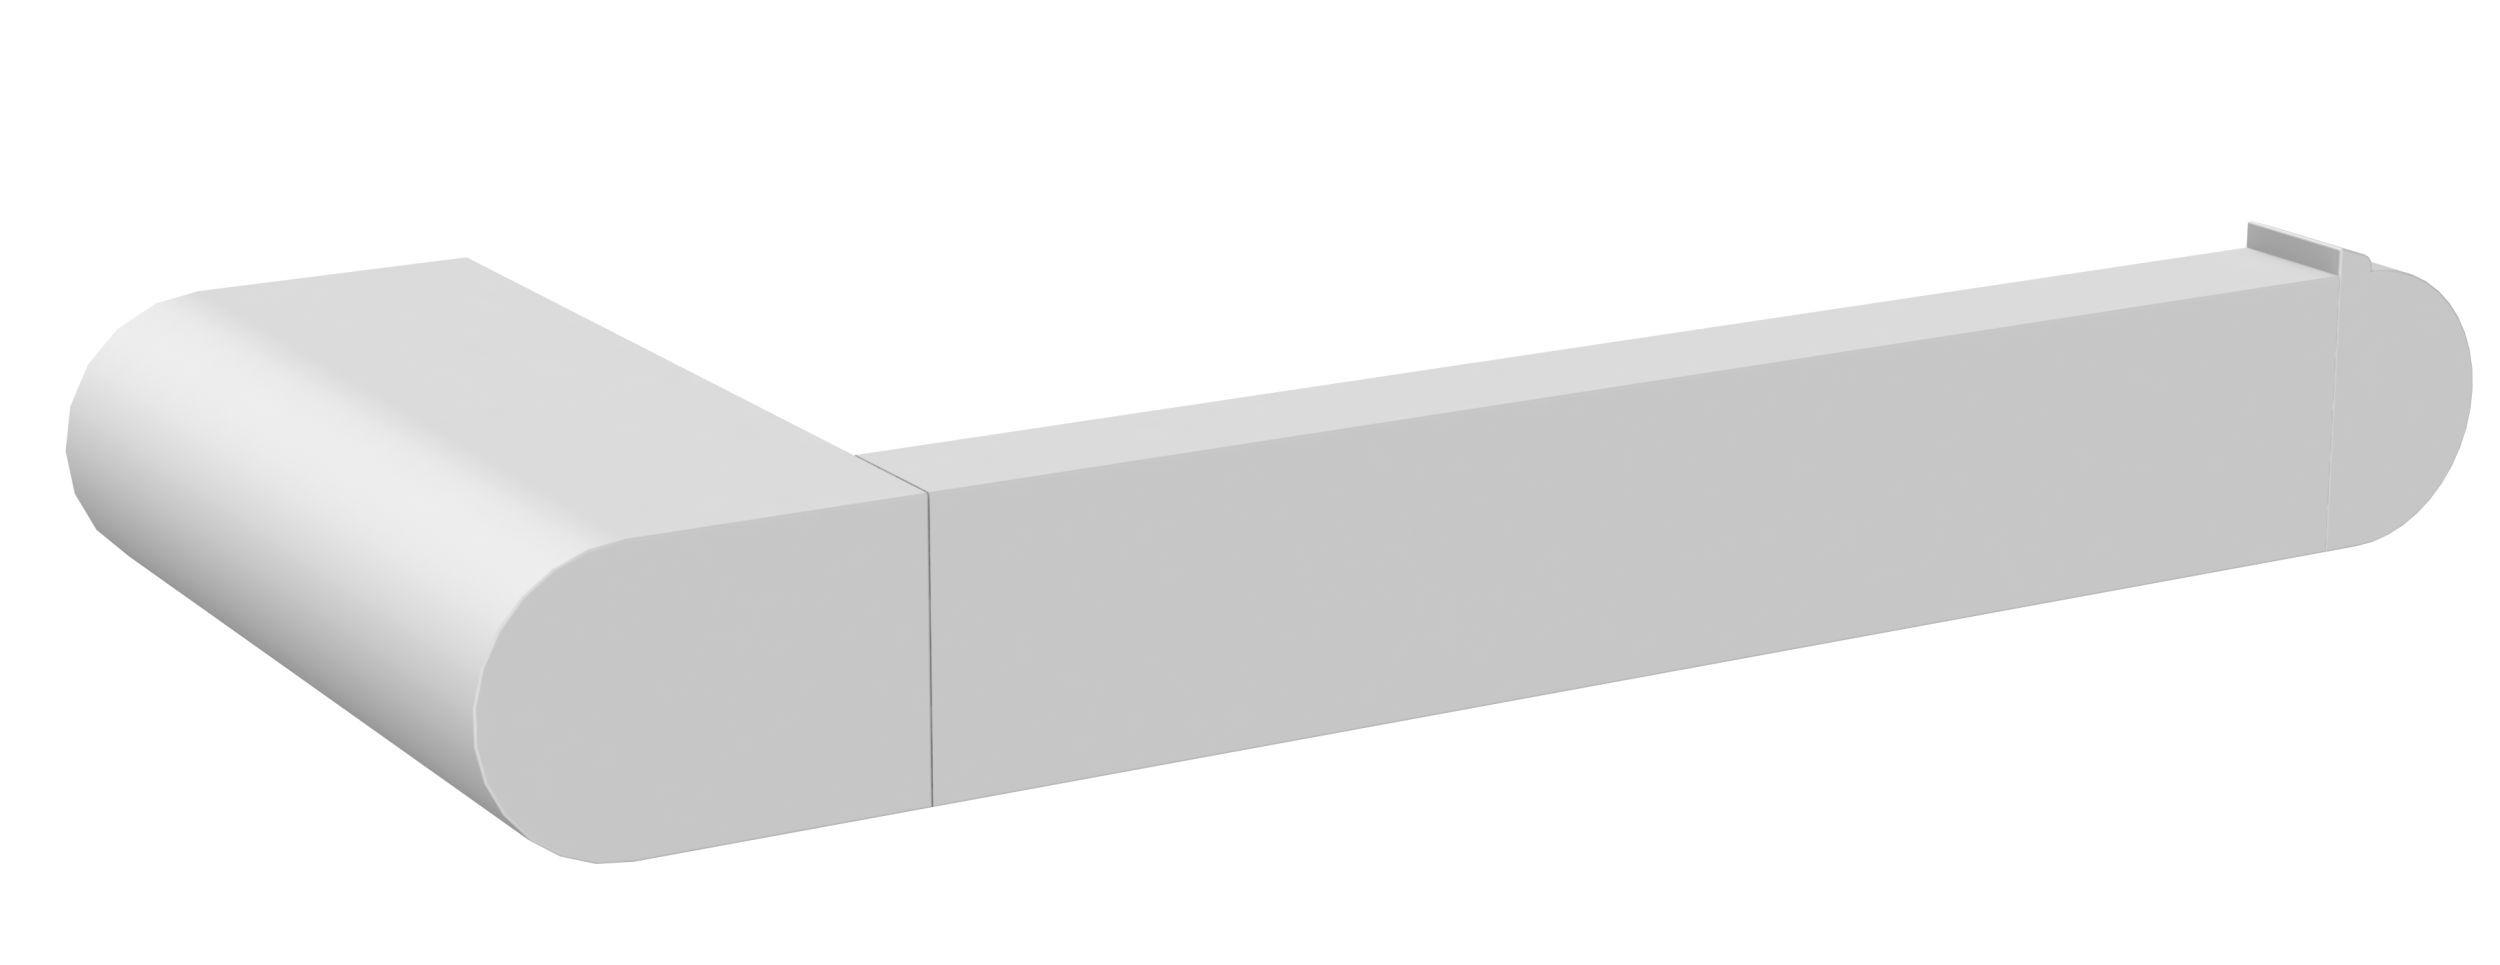 Allibert Porte-papier WC blanc mat à fixer